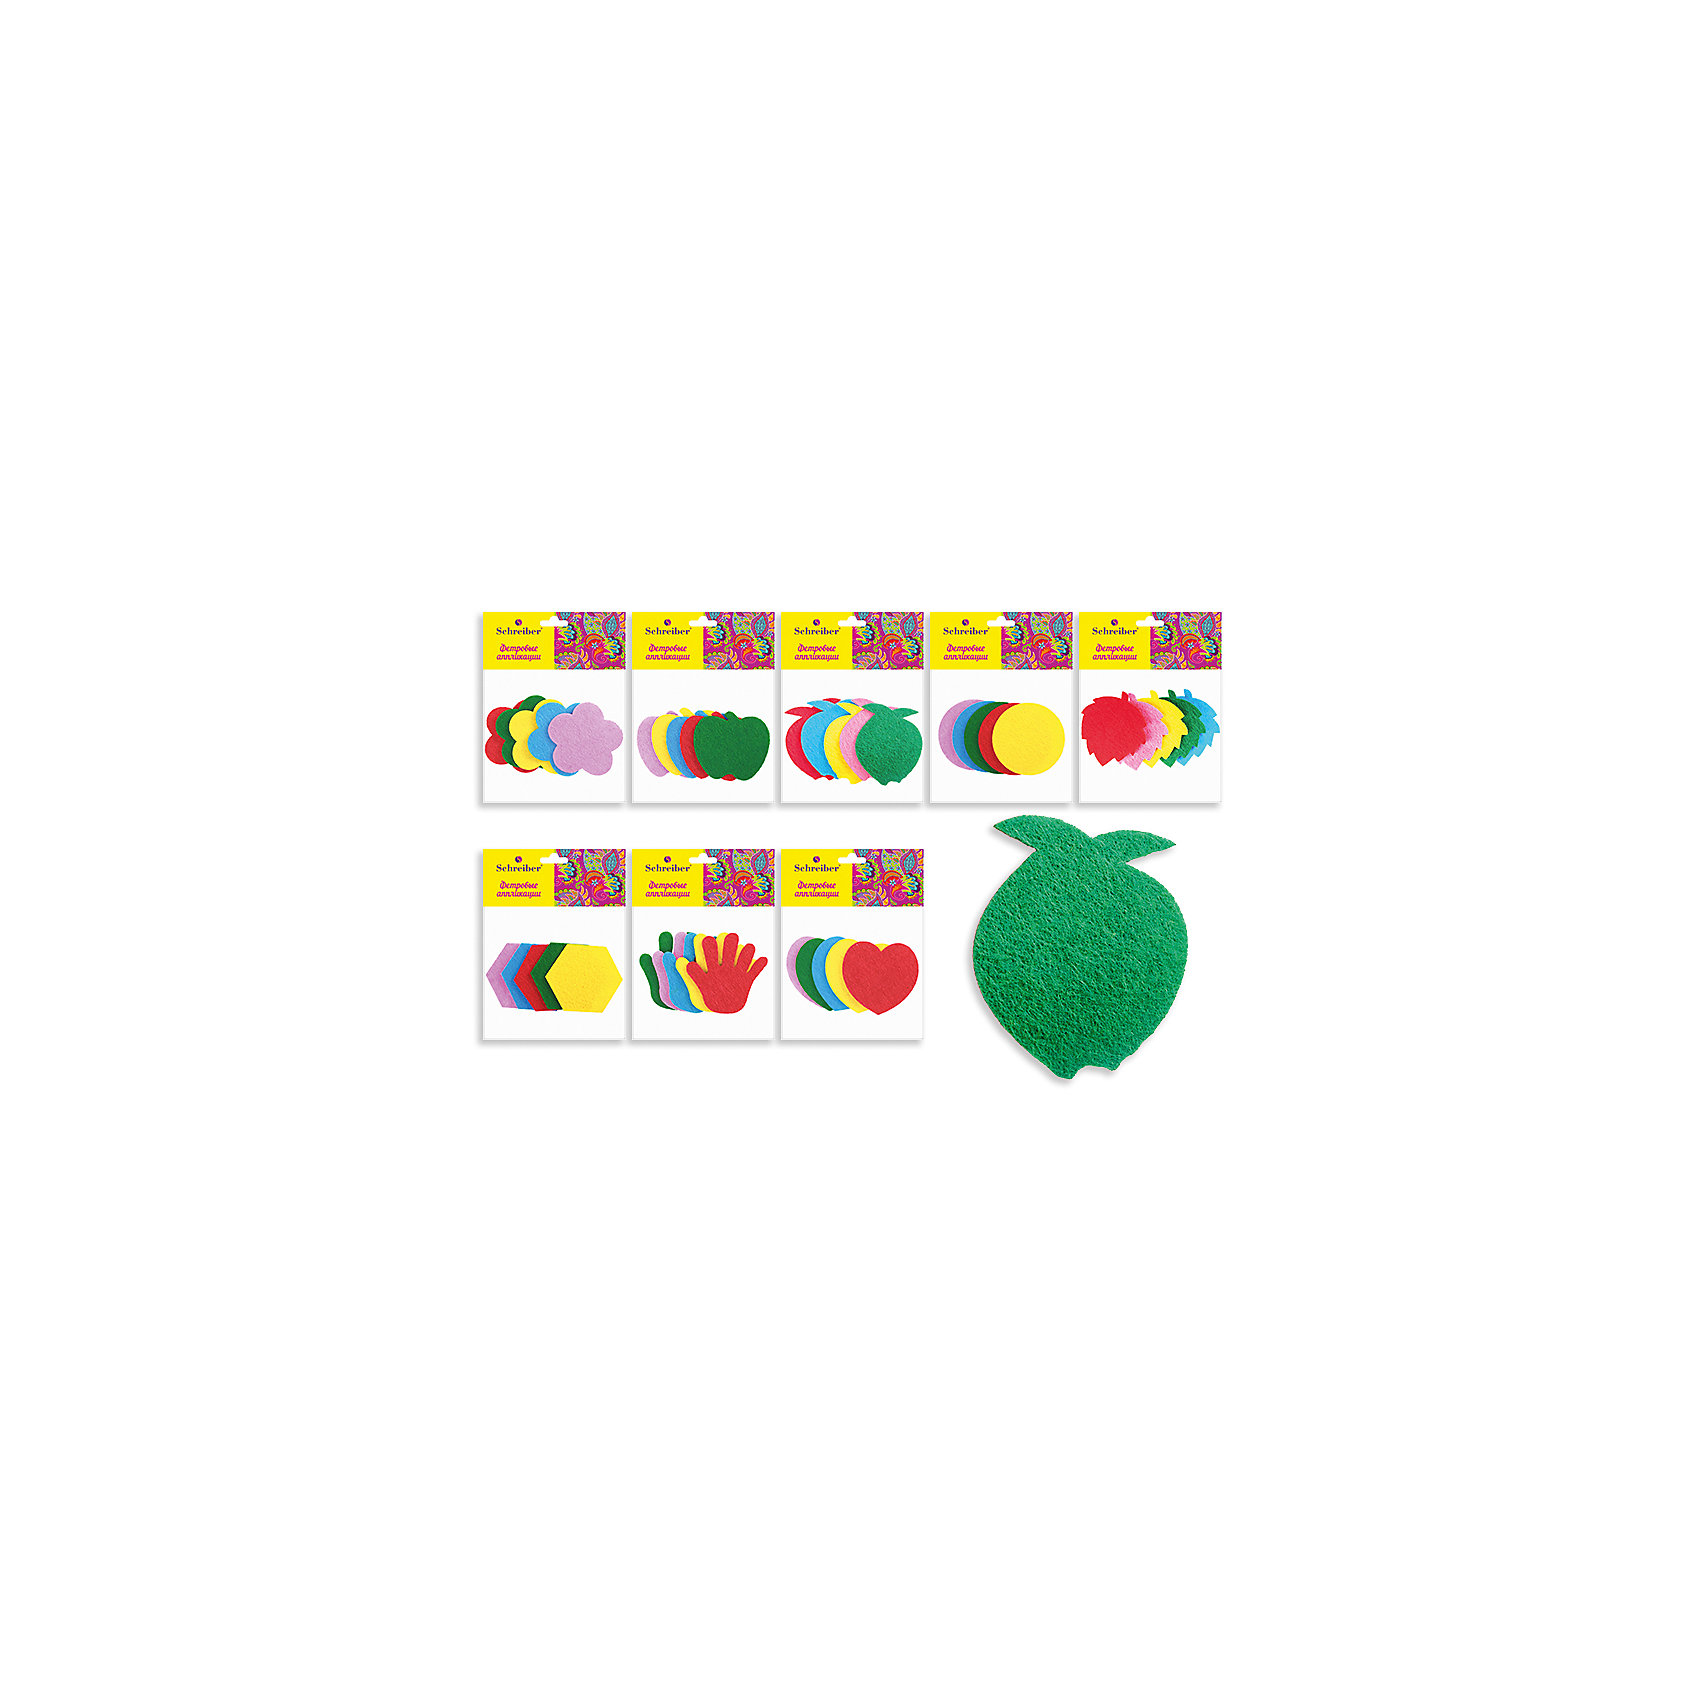 Фетровые аппликации 12*10 см (8 дизайнов в ассортименте)Рукоделие<br>Фетровые аппликации 12*10 см (8 дизайнов в ассортименте) от известного торгового бренда канцелярских товаров и товаров для творчества TUKZAR. Набор включает в себя разноцветные заготовки животных, растений и других предметов для занятий аппликацией с детьми дошкольного и младшего школьного возраста. Комплектация позволяет создавать сюжетные картинки. Кроме того, данные заготовки можно использовать в качестве меток для детской одежды.<br>Фетровые аппликации 12*10 см (8 дизайнов в ассортименте) способствуют развитию у ребенка внимания, усидчивости, воображения и фантазии.<br><br>Дополнительная информация:<br><br>- Предназначение: для аппликаций<br>- Материал: фетр<br>- Комплектация: 8 дизайнов (кружочки, цветочки, сердечки, листики, яблочки, ладошки и др.)<br>- Размеры упаковки (Д*В): 10*12 см<br>- Упаковка: полиэтилен<br><br>Подробнее:<br><br>• Для детей в возрасте: от 3 лет <br>• Страна производитель: Китай<br>• Торговый бренд: TUKZAR<br><br>Фетровые аппликации 12*10 см (8 дизайнов в ассортименте) можно купить в нашем интернет-магазине.<br><br>Ширина мм: 120<br>Глубина мм: 100<br>Высота мм: 10<br>Вес г: 50<br>Возраст от месяцев: 36<br>Возраст до месяцев: 72<br>Пол: Унисекс<br>Возраст: Детский<br>SKU: 5001407